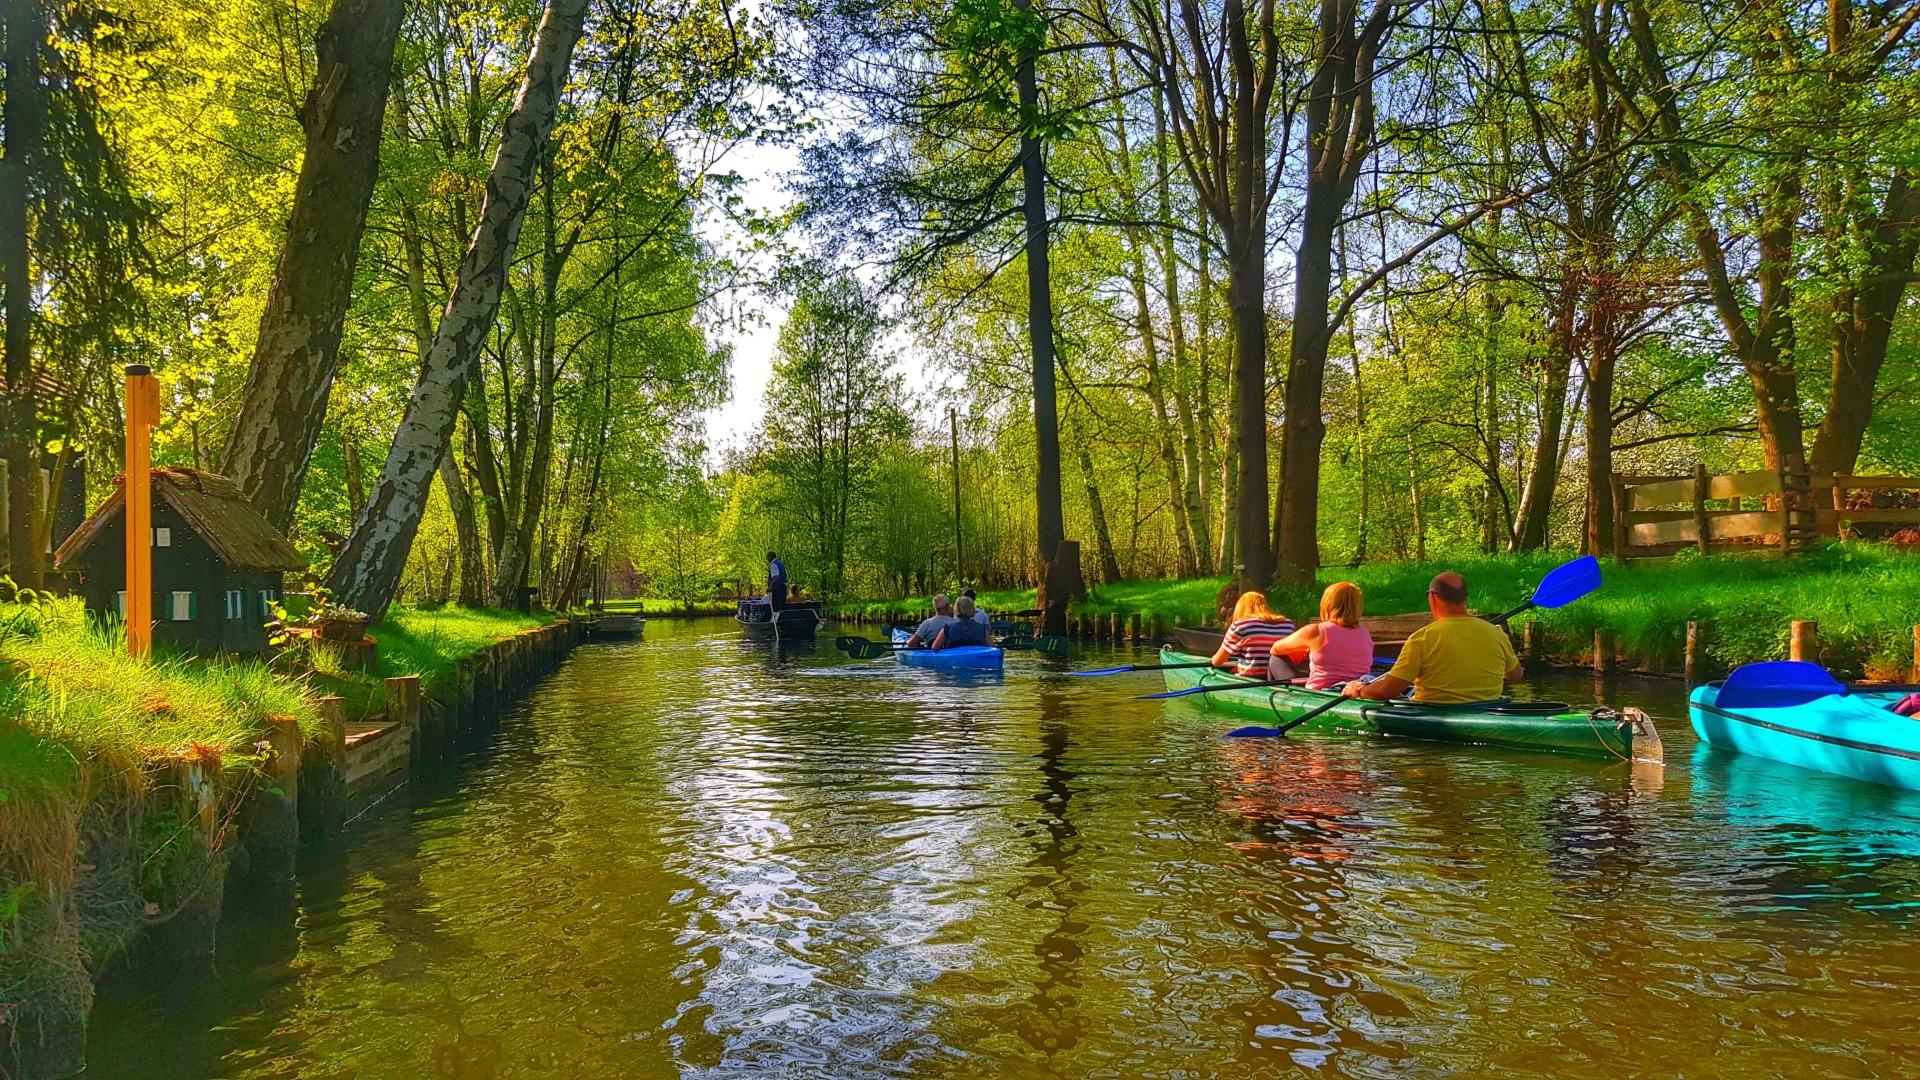 Lübbenau קפיצה אל הטבע - שייט בתעלות העיירה